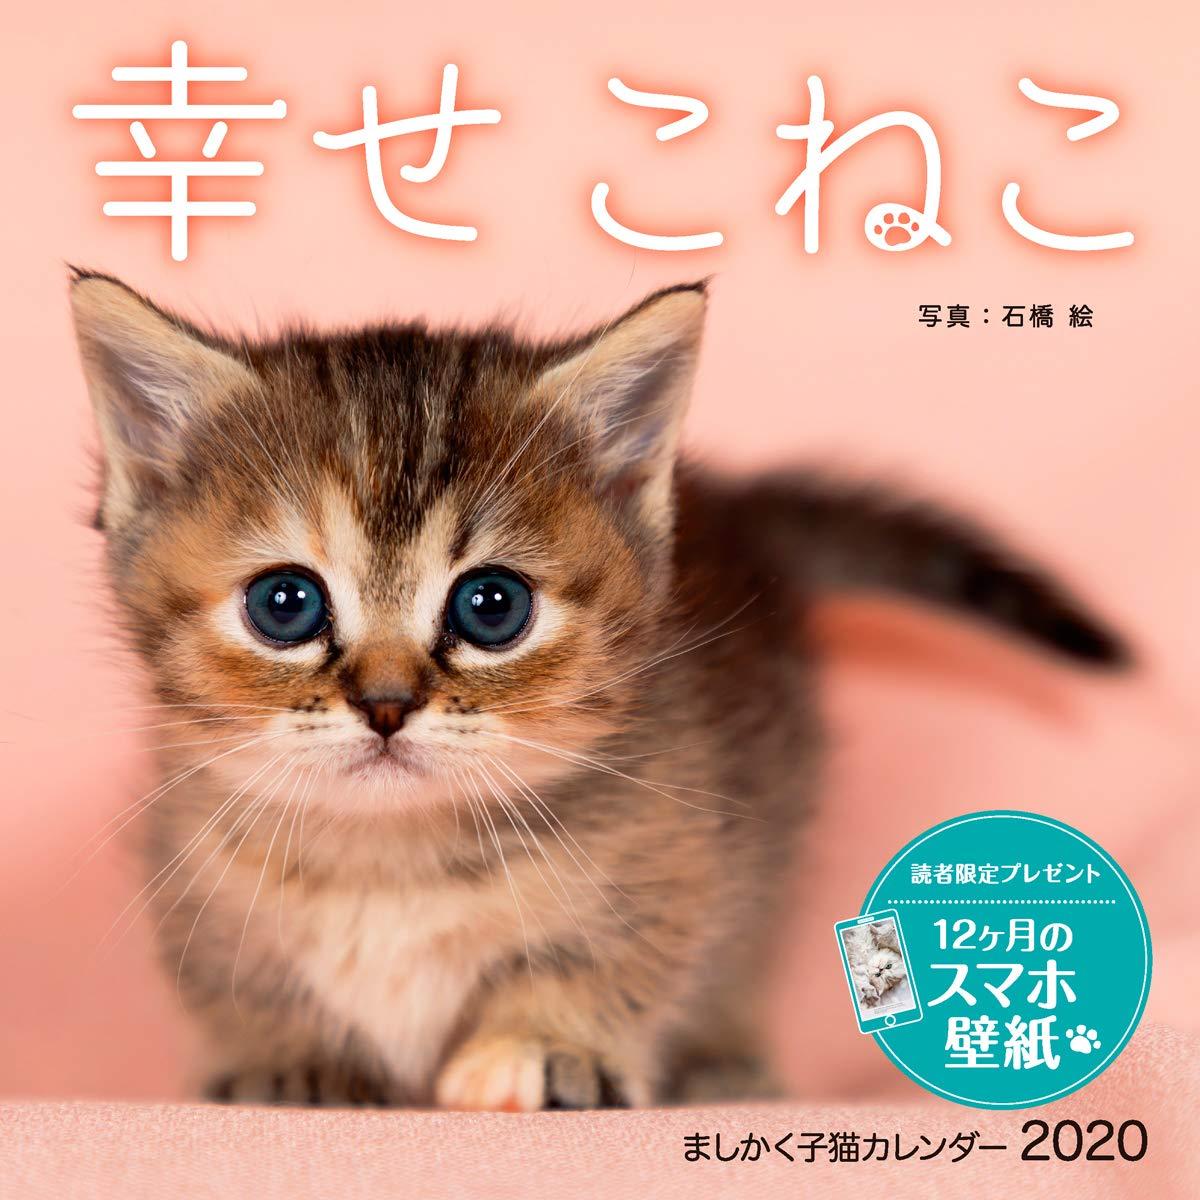 ましかく子猫カレンダー 幸せこねこ インプレスカレンダー2020